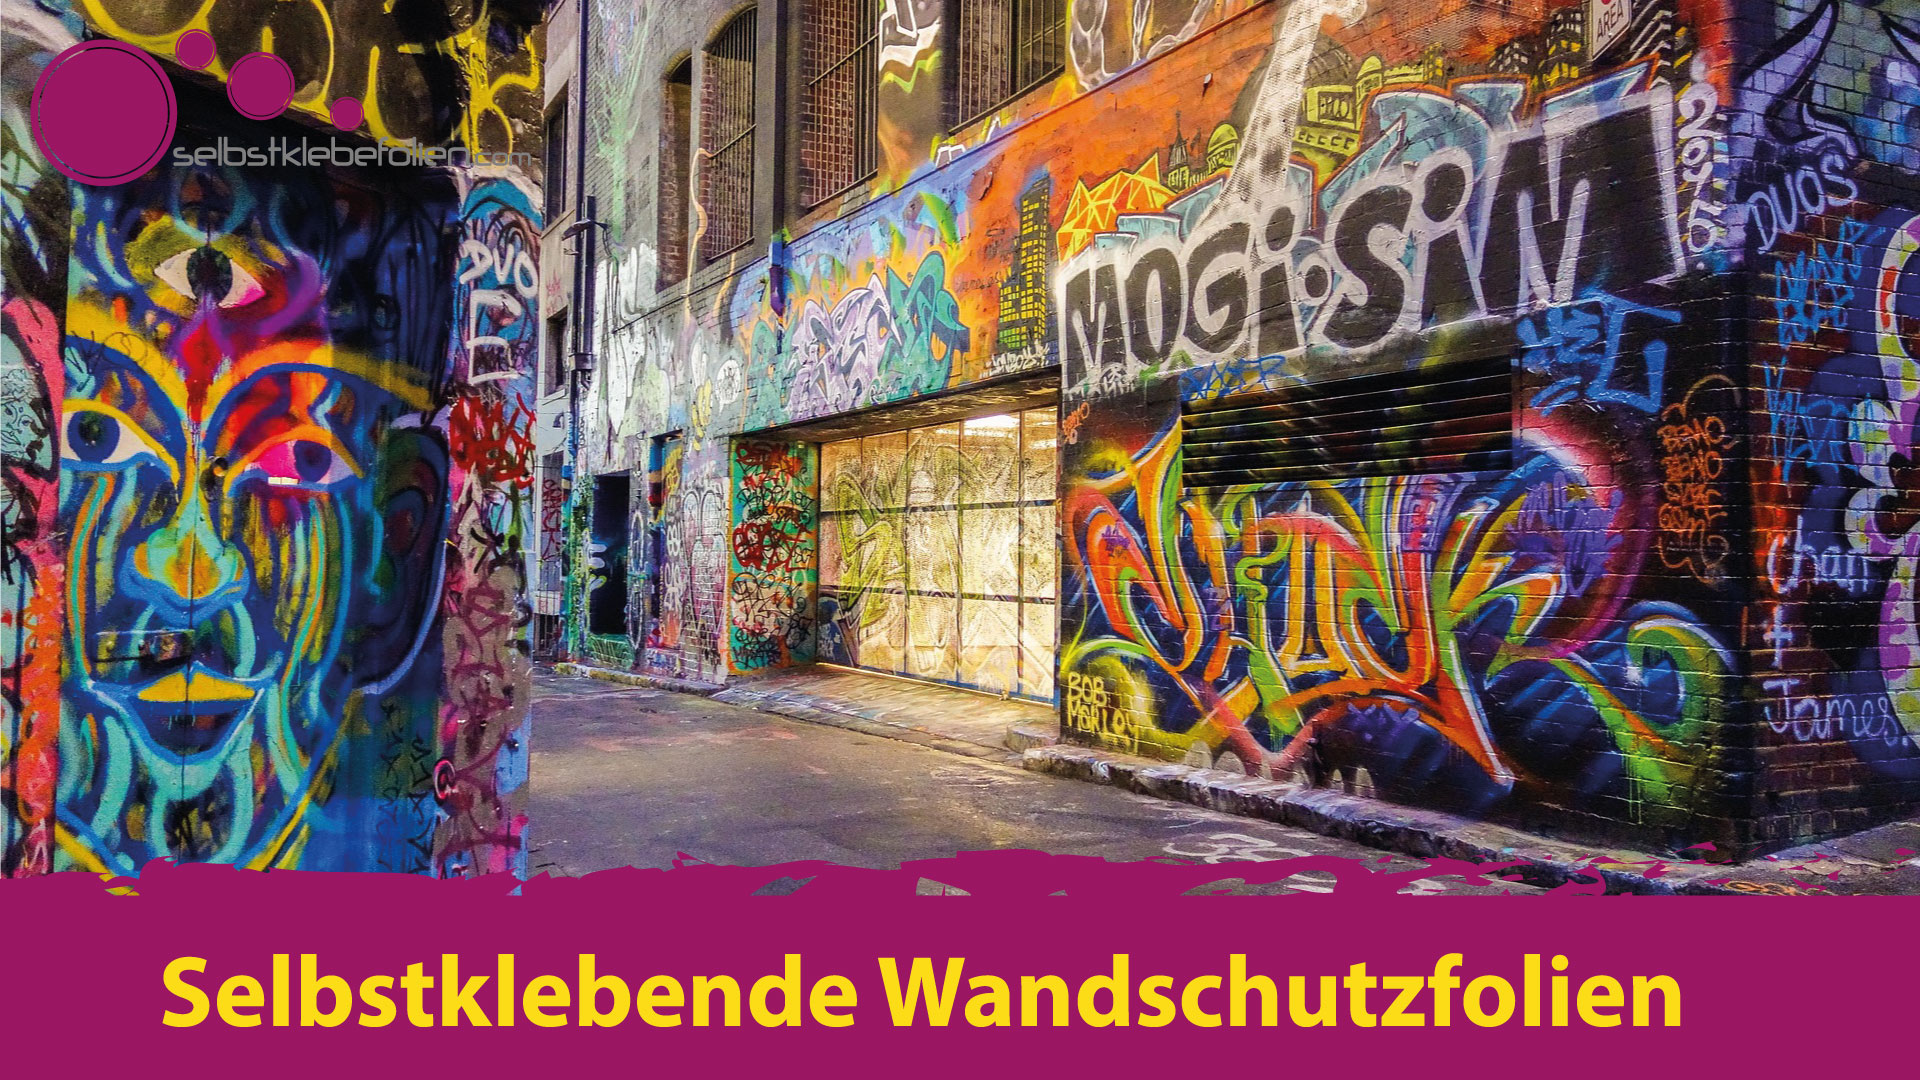 Selbstklebende Wandschutzfolie